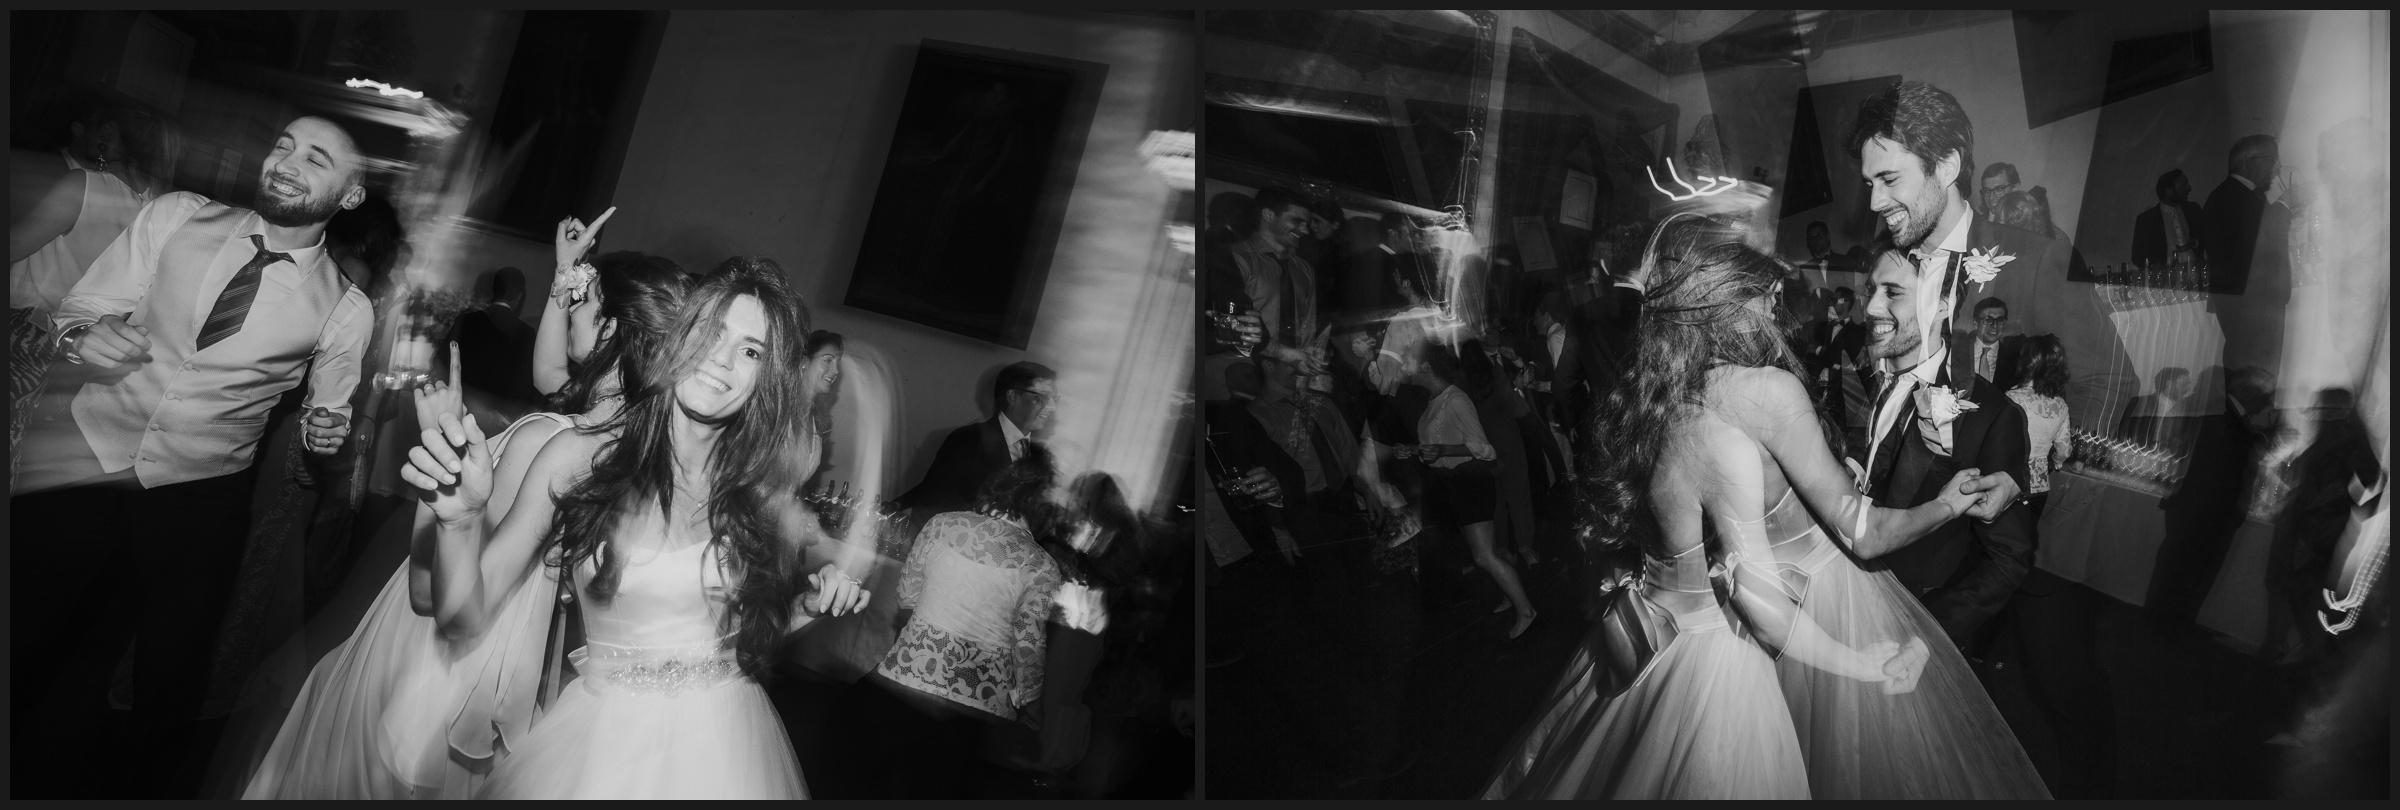 bride and groom, wedding party